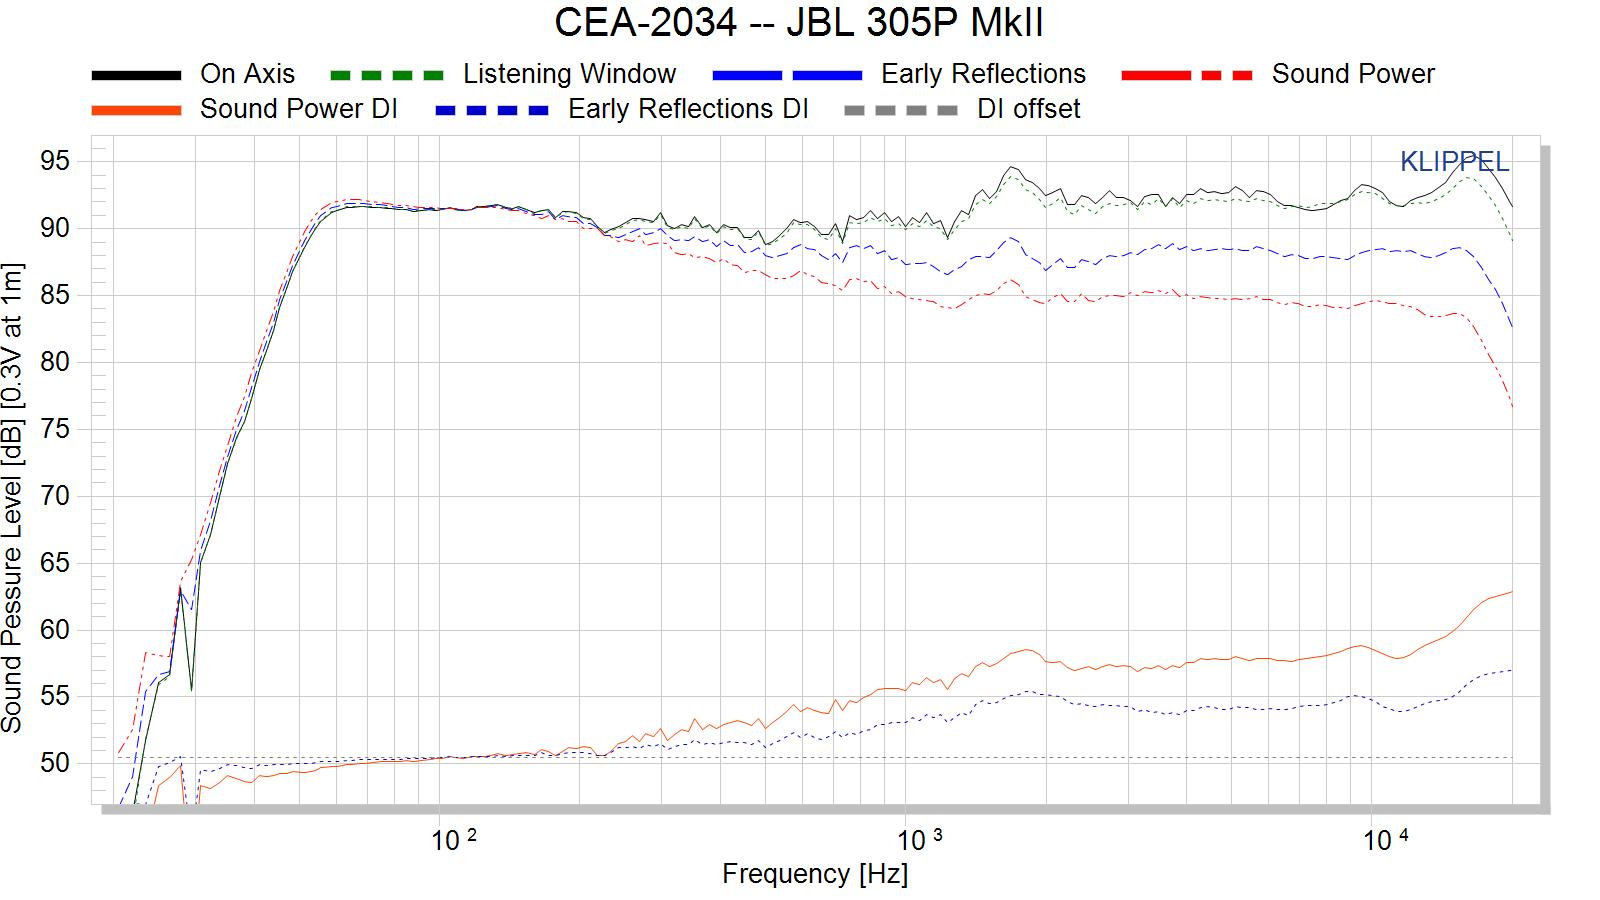 CEA-2034%20--%20JBL%20305P%20MkII.png